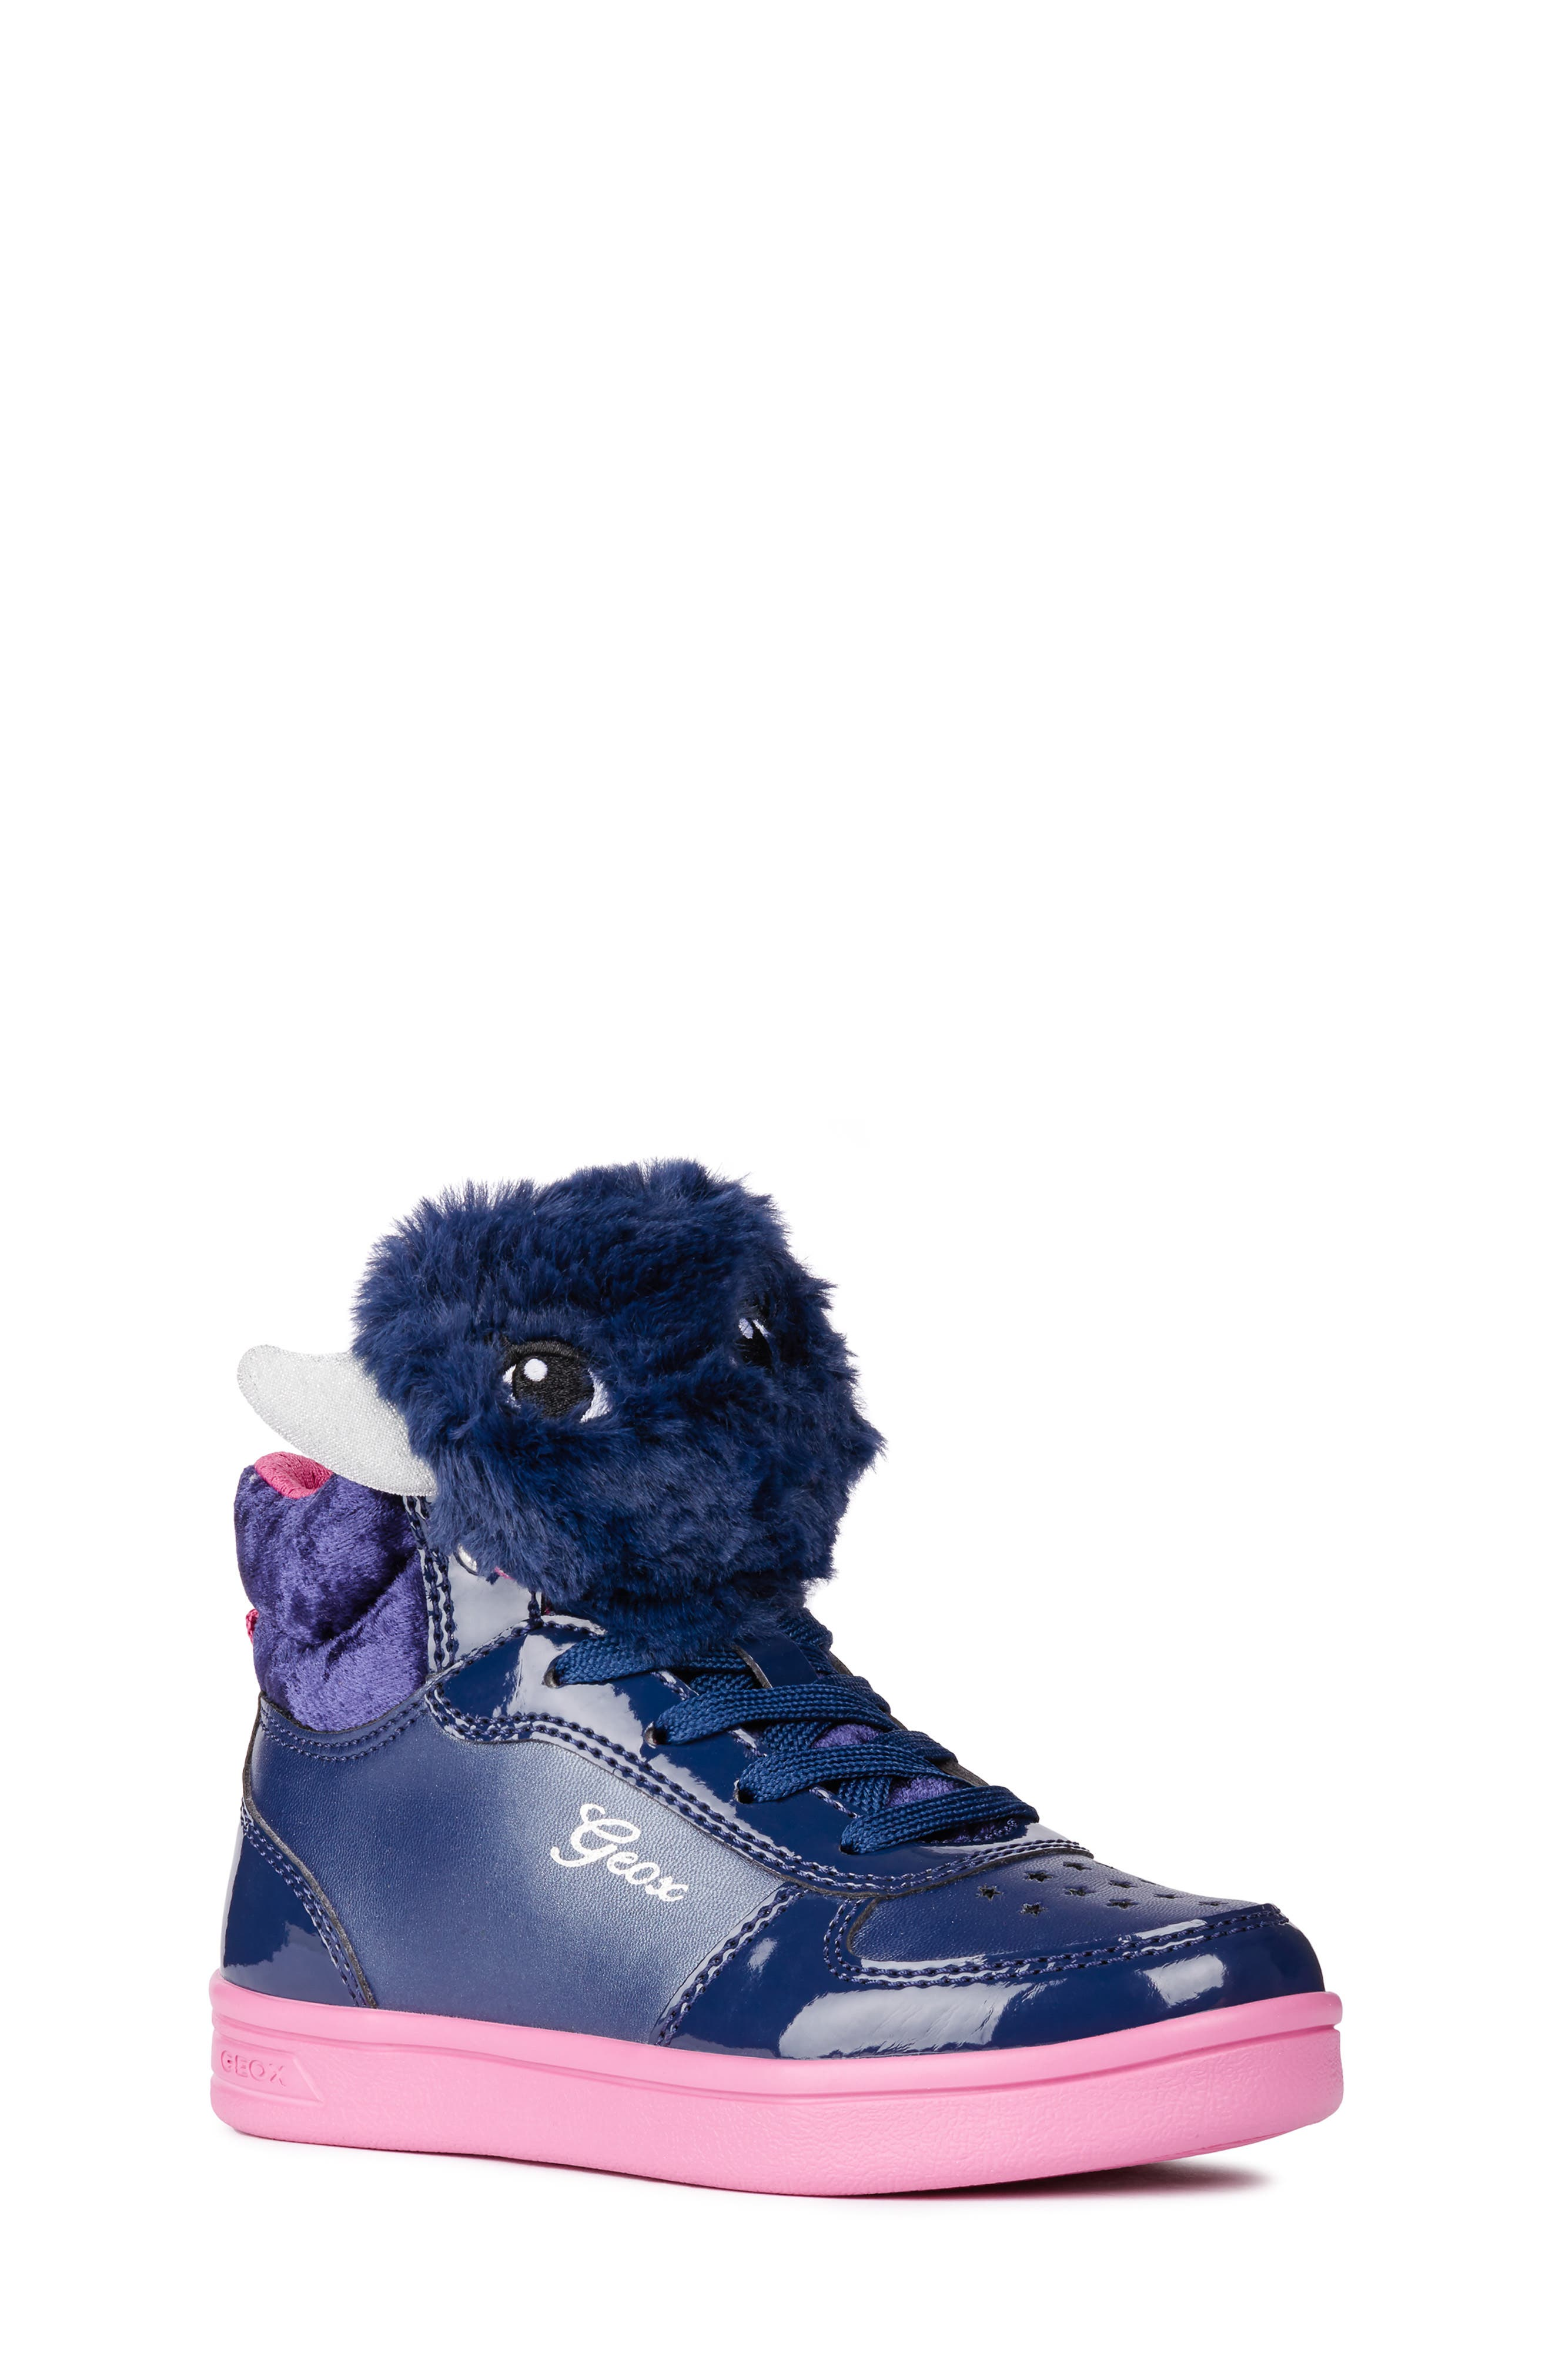 DJ Rock Fuzzy Friend Sneaker,                         Main,                         color, NAVY/FUCHSIA